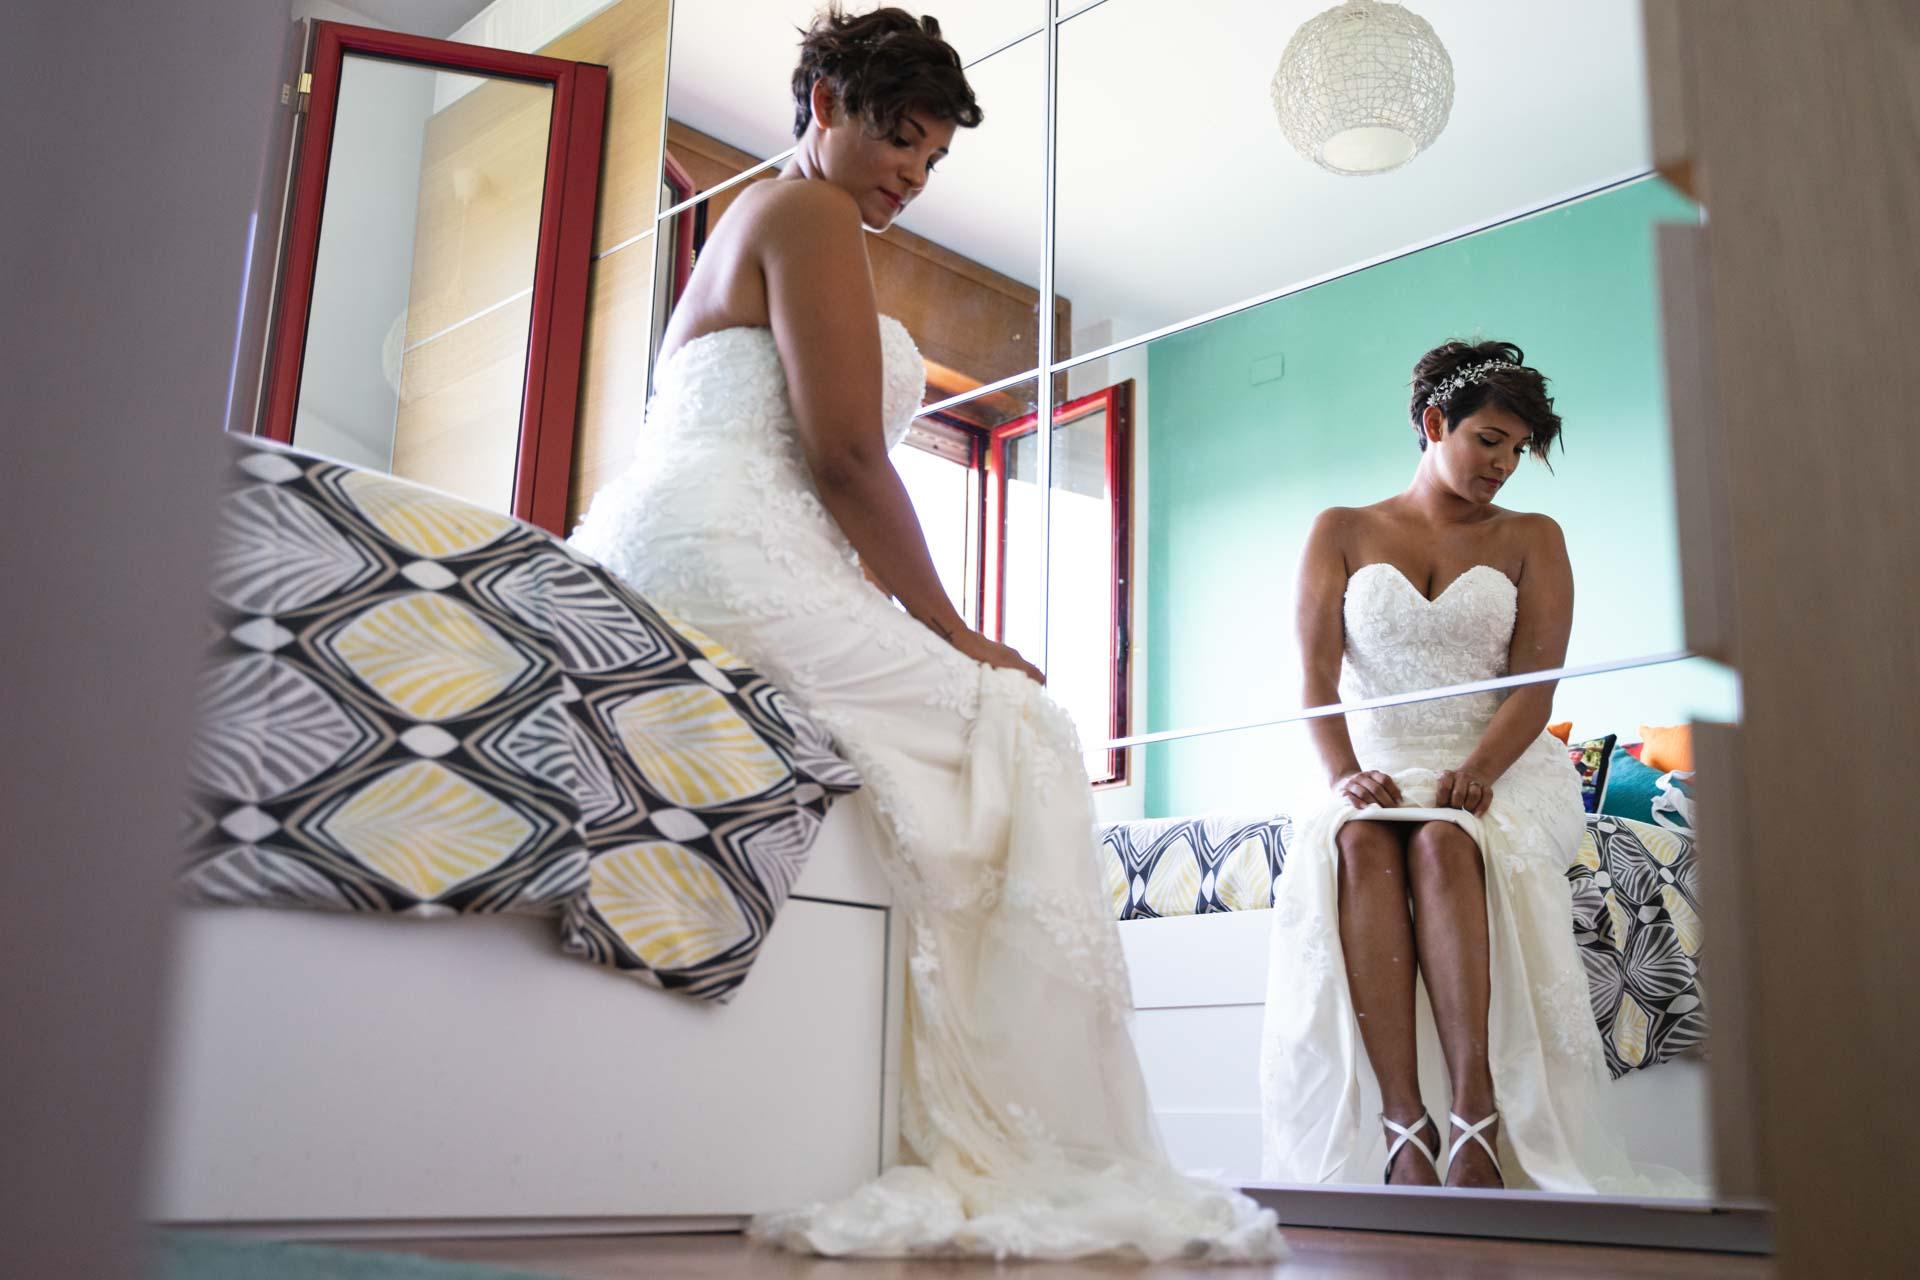 sposa abito specchio casa